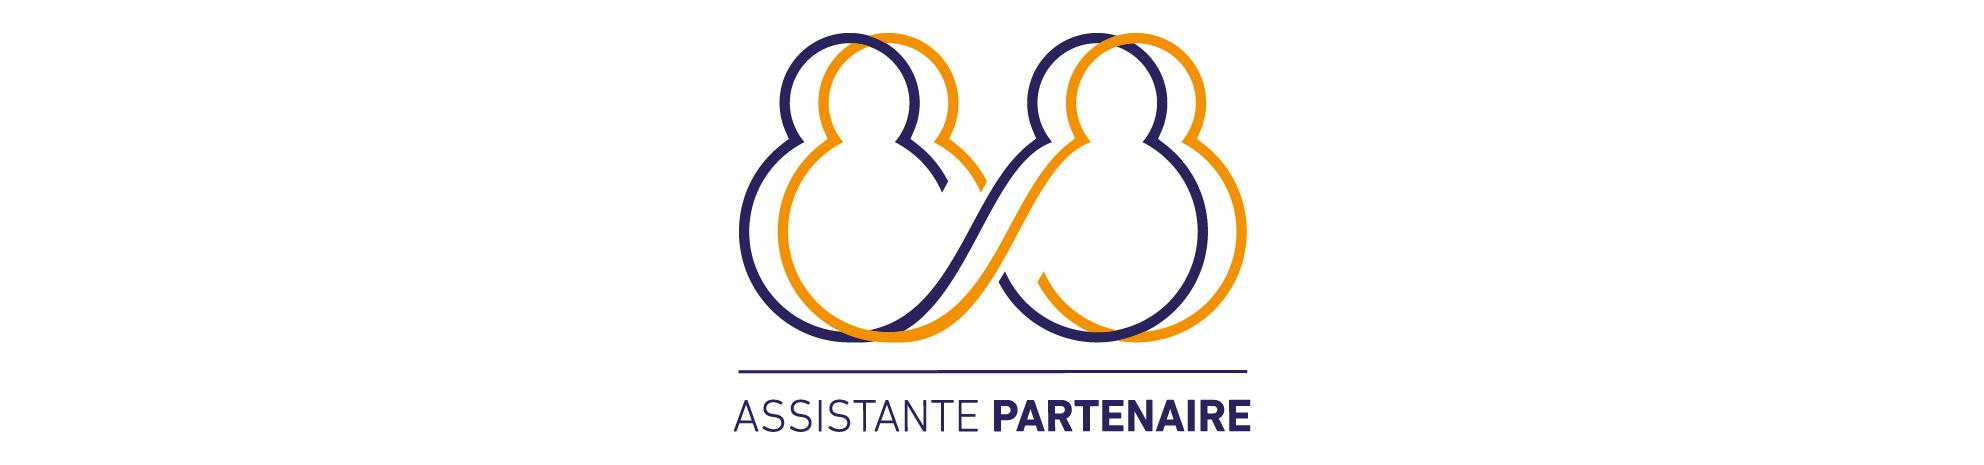 ASSISTANTE-P-02